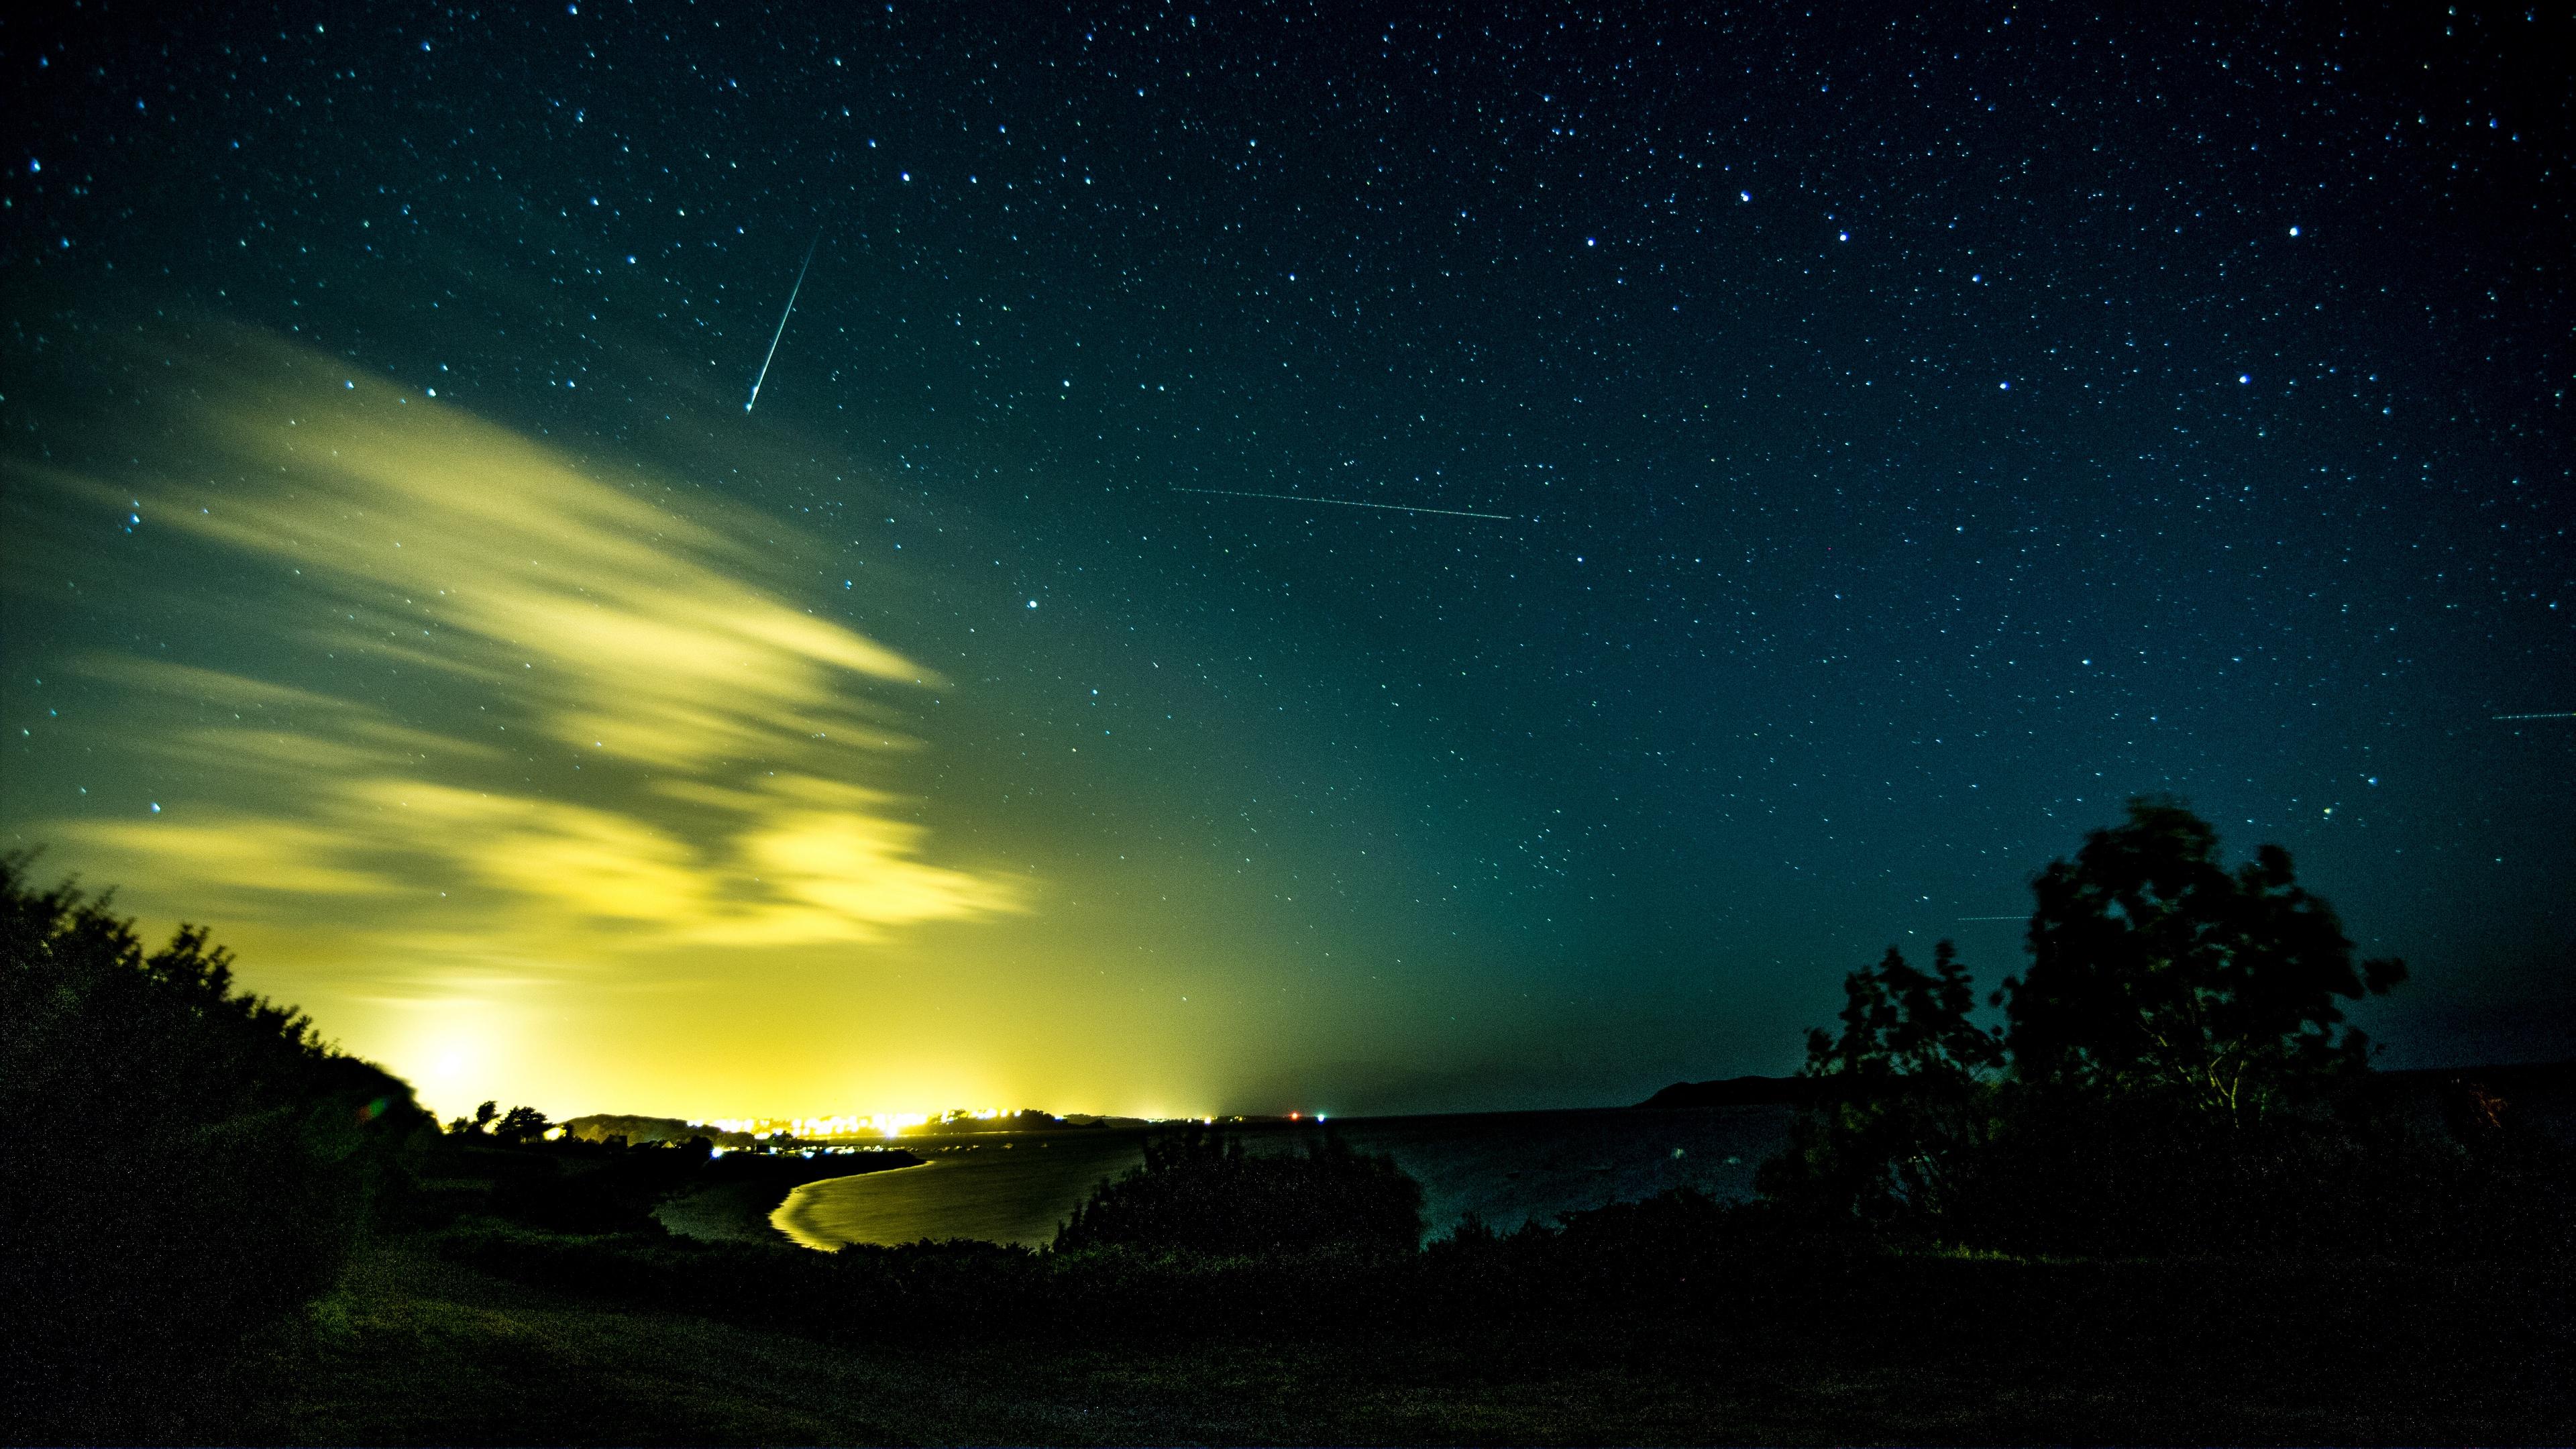 northern lights aurora starry sky night night sky 4k 1541117899 - northern lights, aurora, starry sky, night, night sky 4k - starry sky, northern lights, Aurora